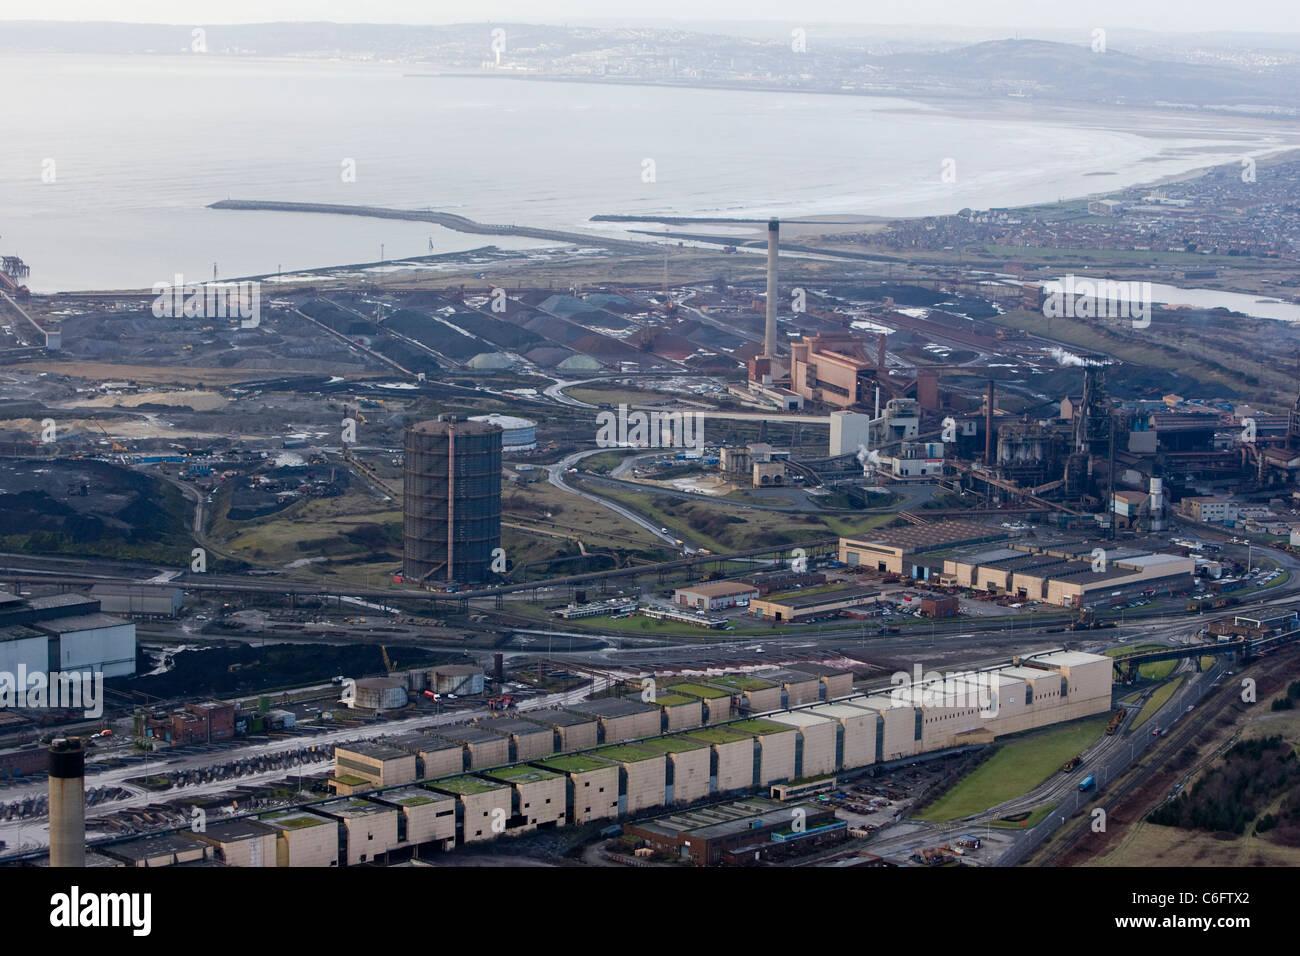 eine Luftaufnahme des Port Talbot Stahlwerk im Besitz von Indian Steel Riesen TATA. Stockfoto